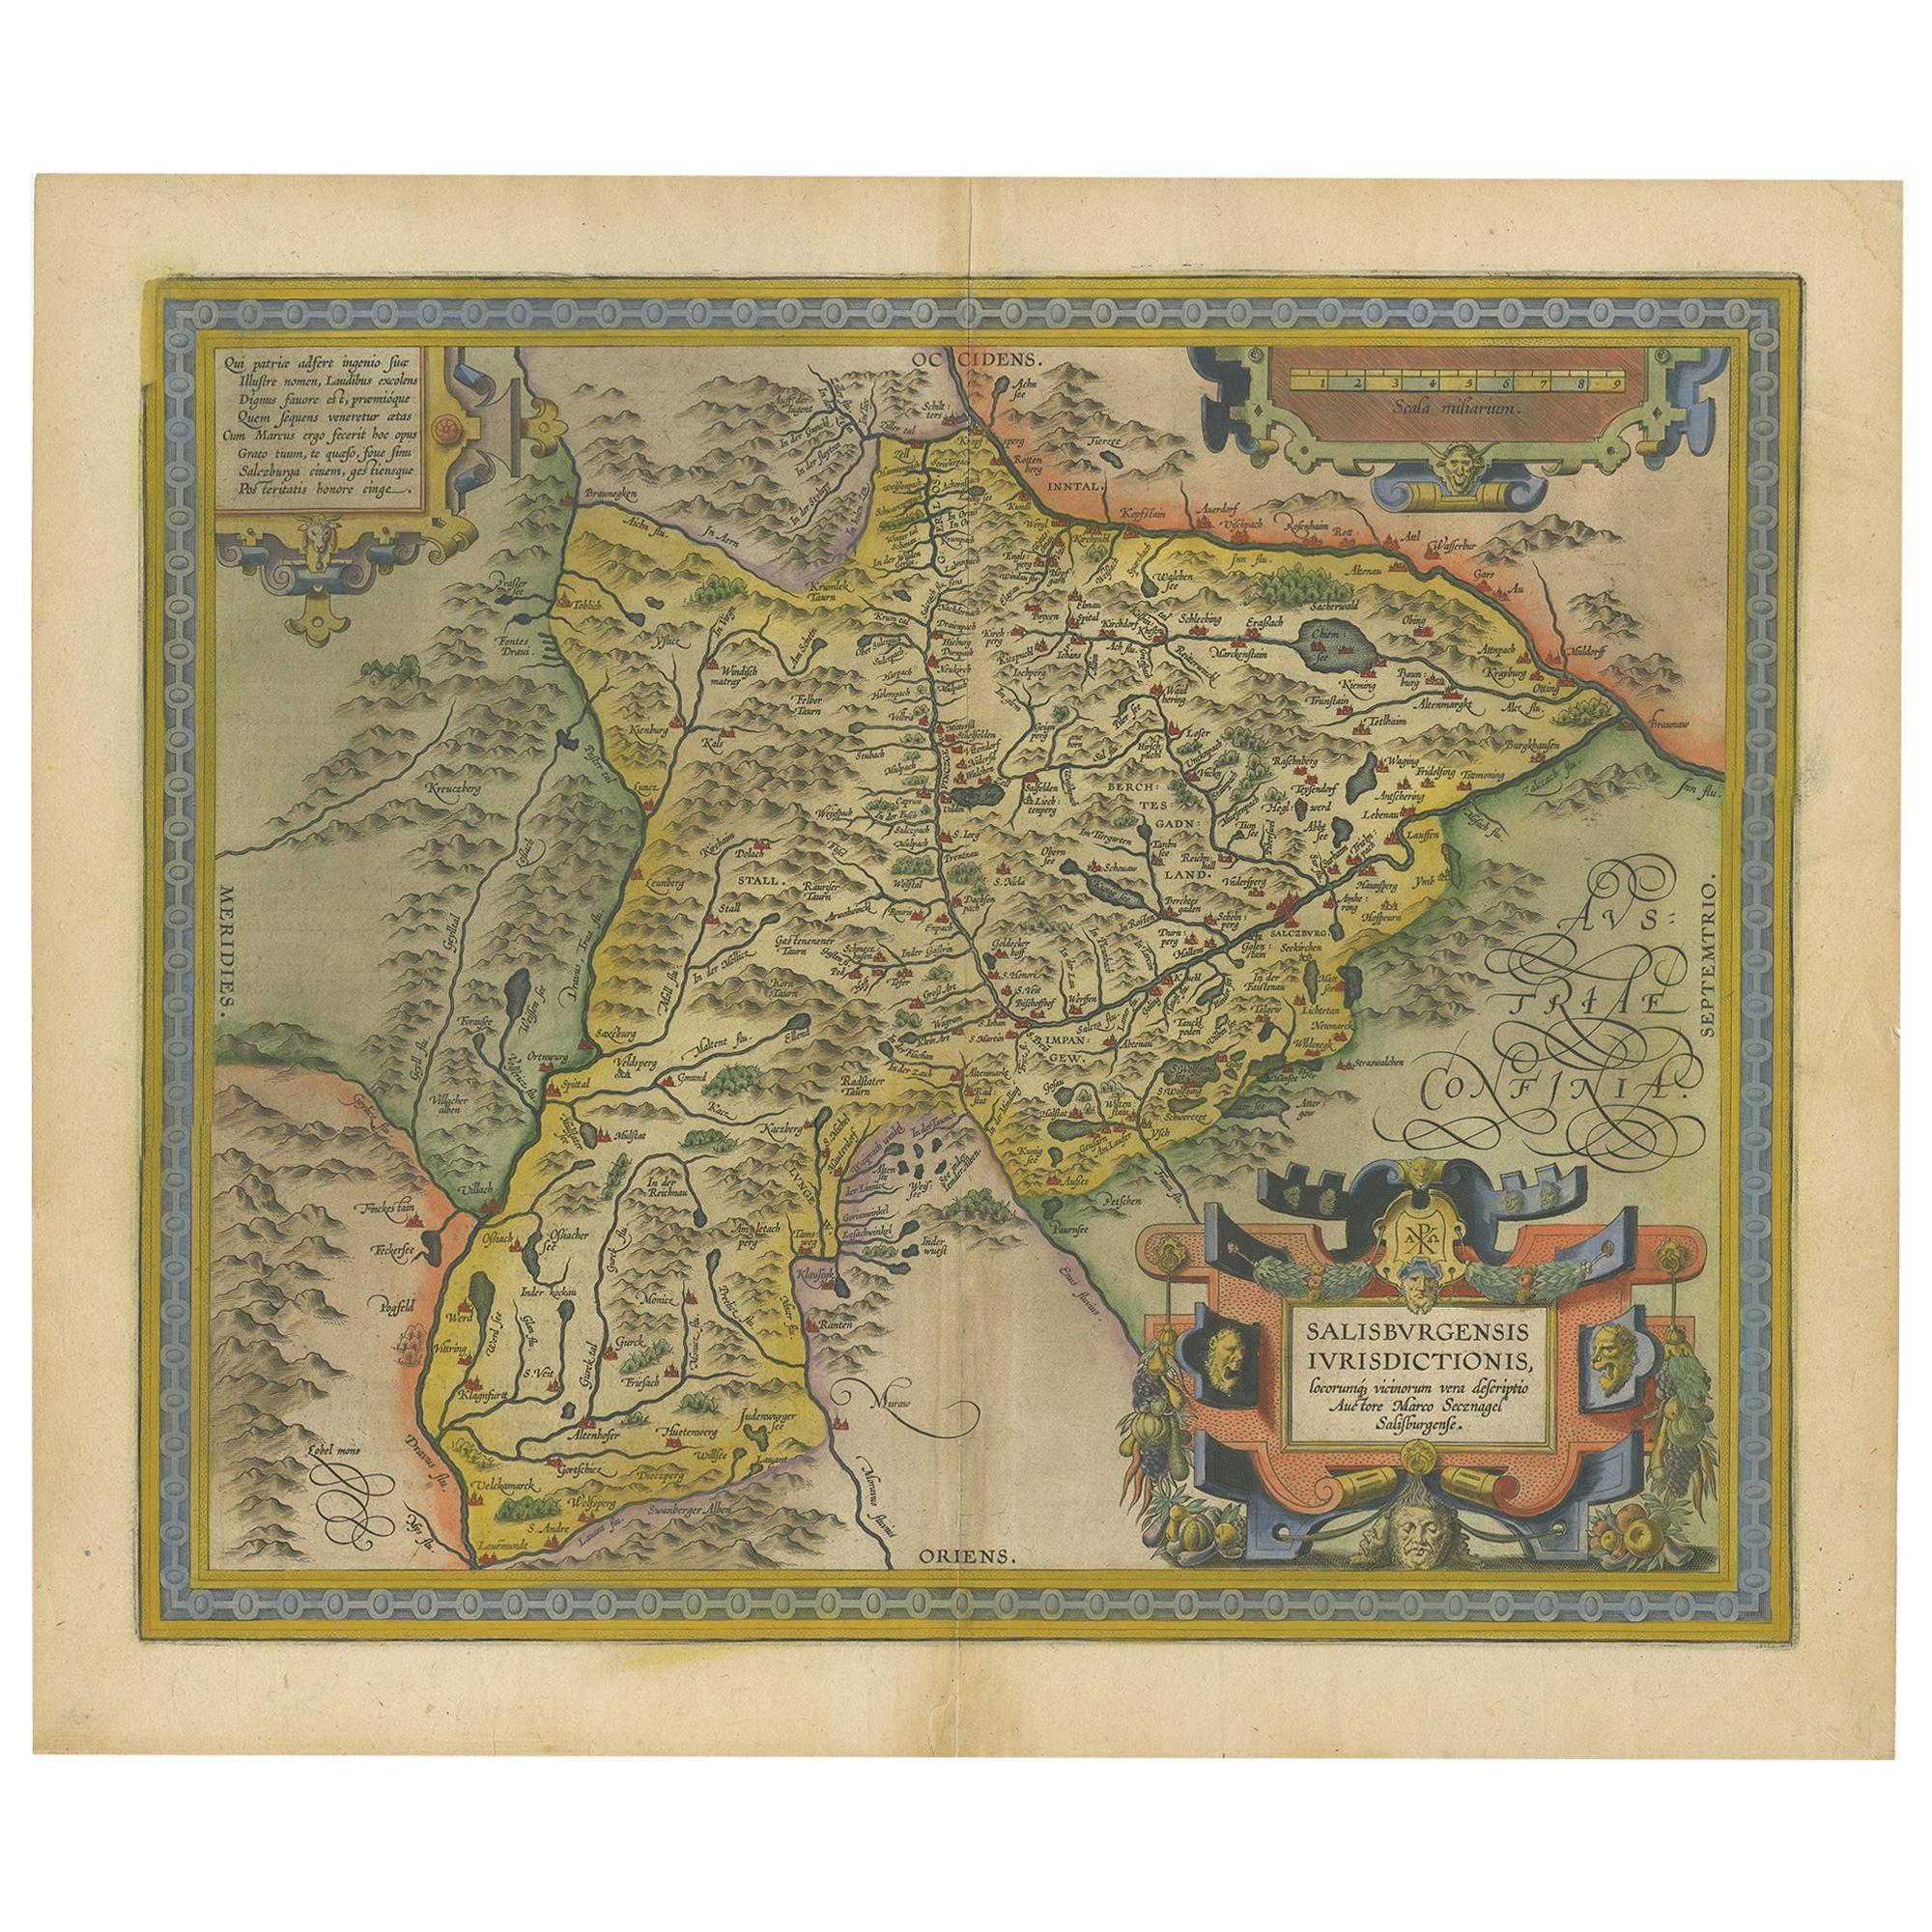 Antique Map of the Region of Salzburg by Ortelius 'circa 1606'